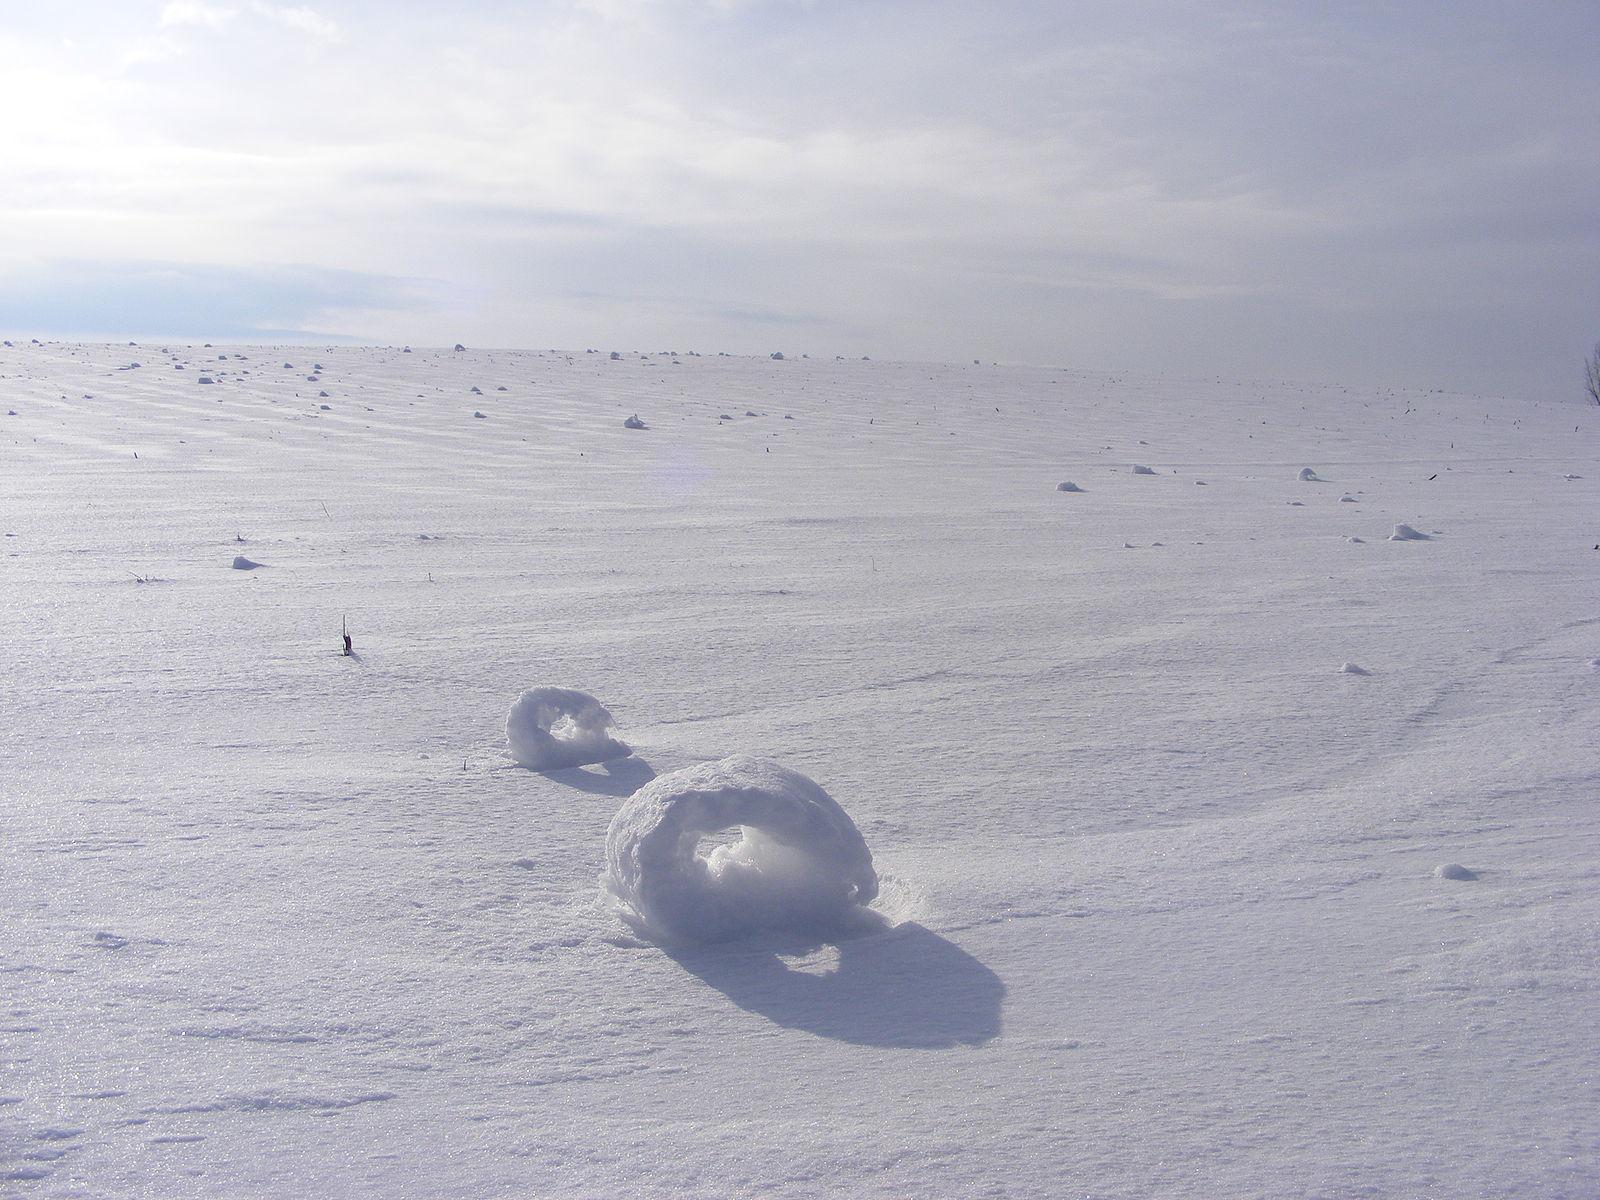 Kỳ thú những chiếc bánh tuyết tự lăn trên thảo nguyên -0